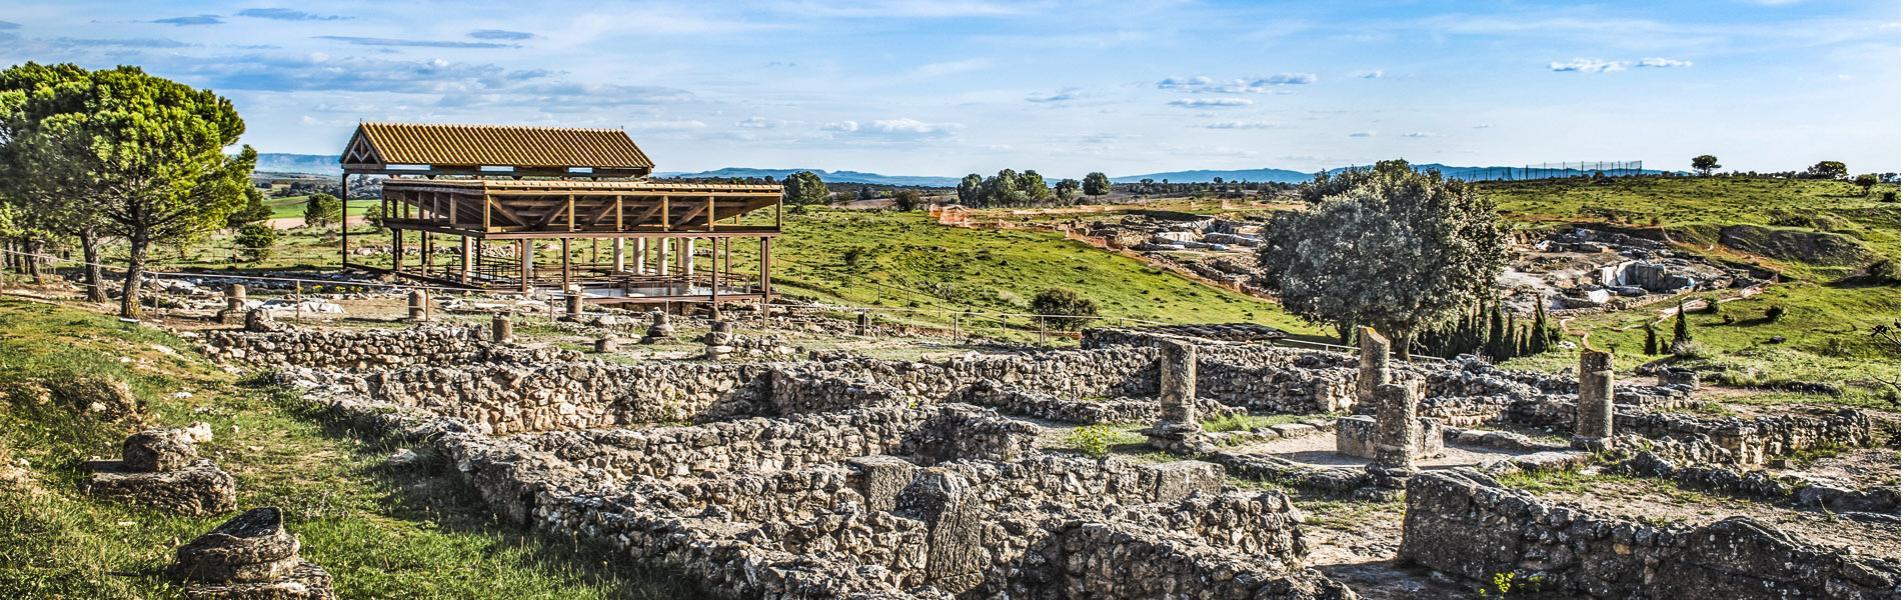 El próximo jueves abren al público los yacimientos y parques arqueológicos visitables